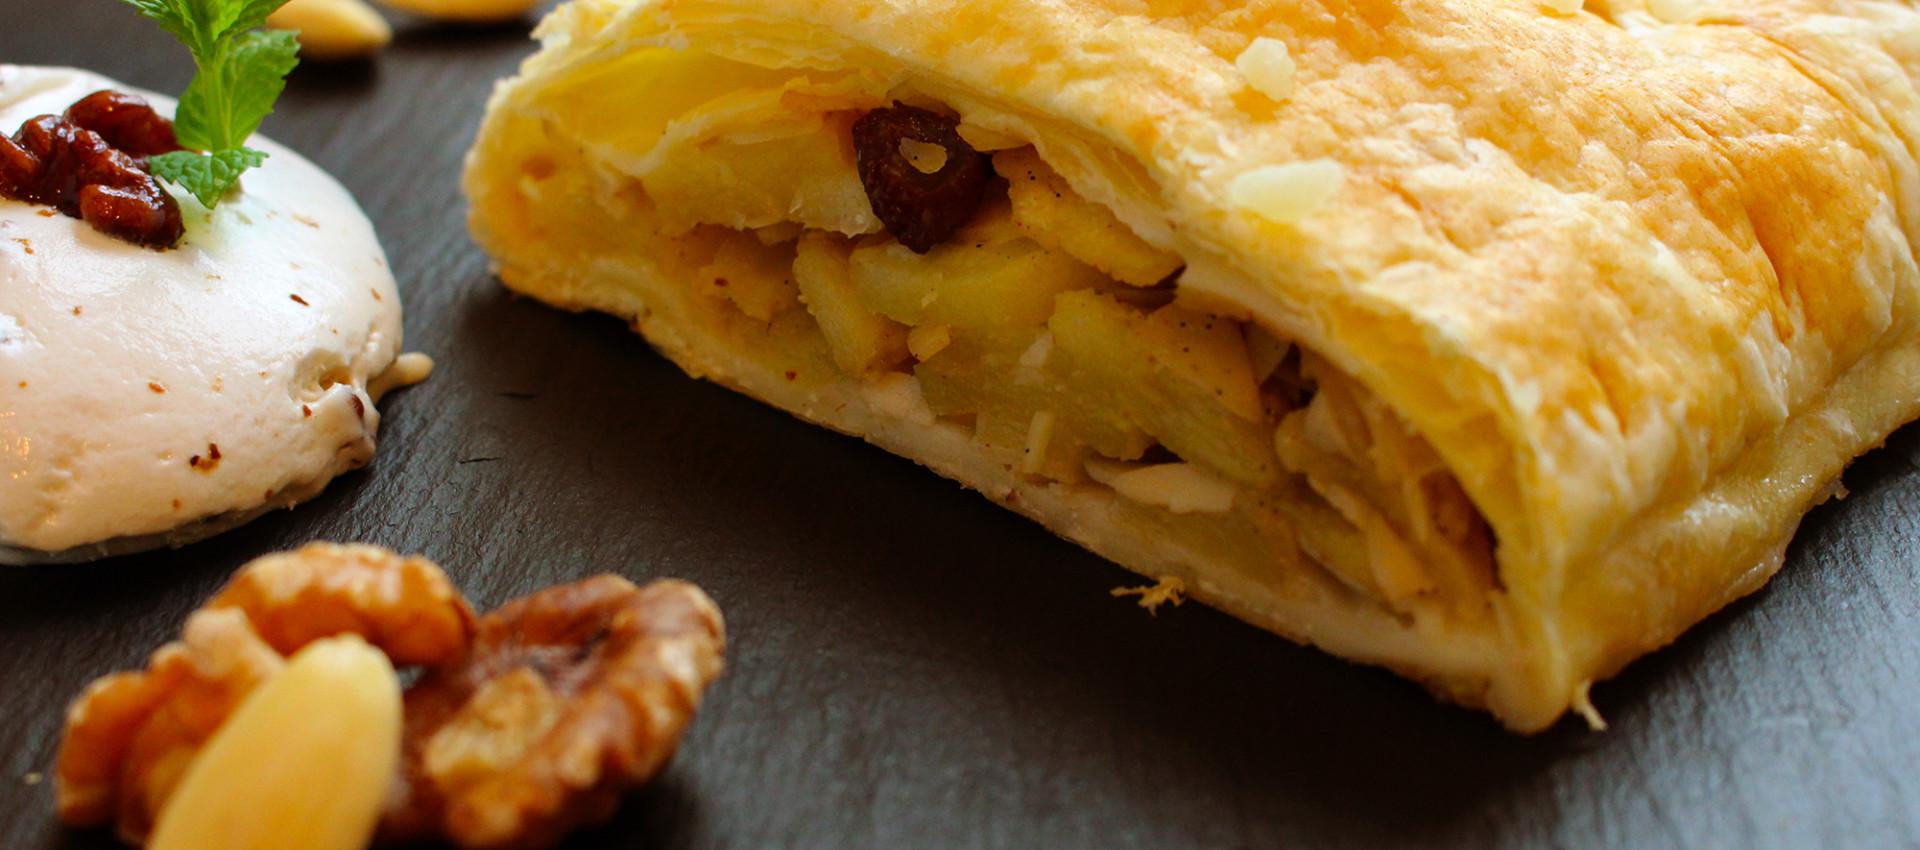 Rezept Blätterteig Apfelstrudel mit Walnüssen & Mandeln von Kochbock.de